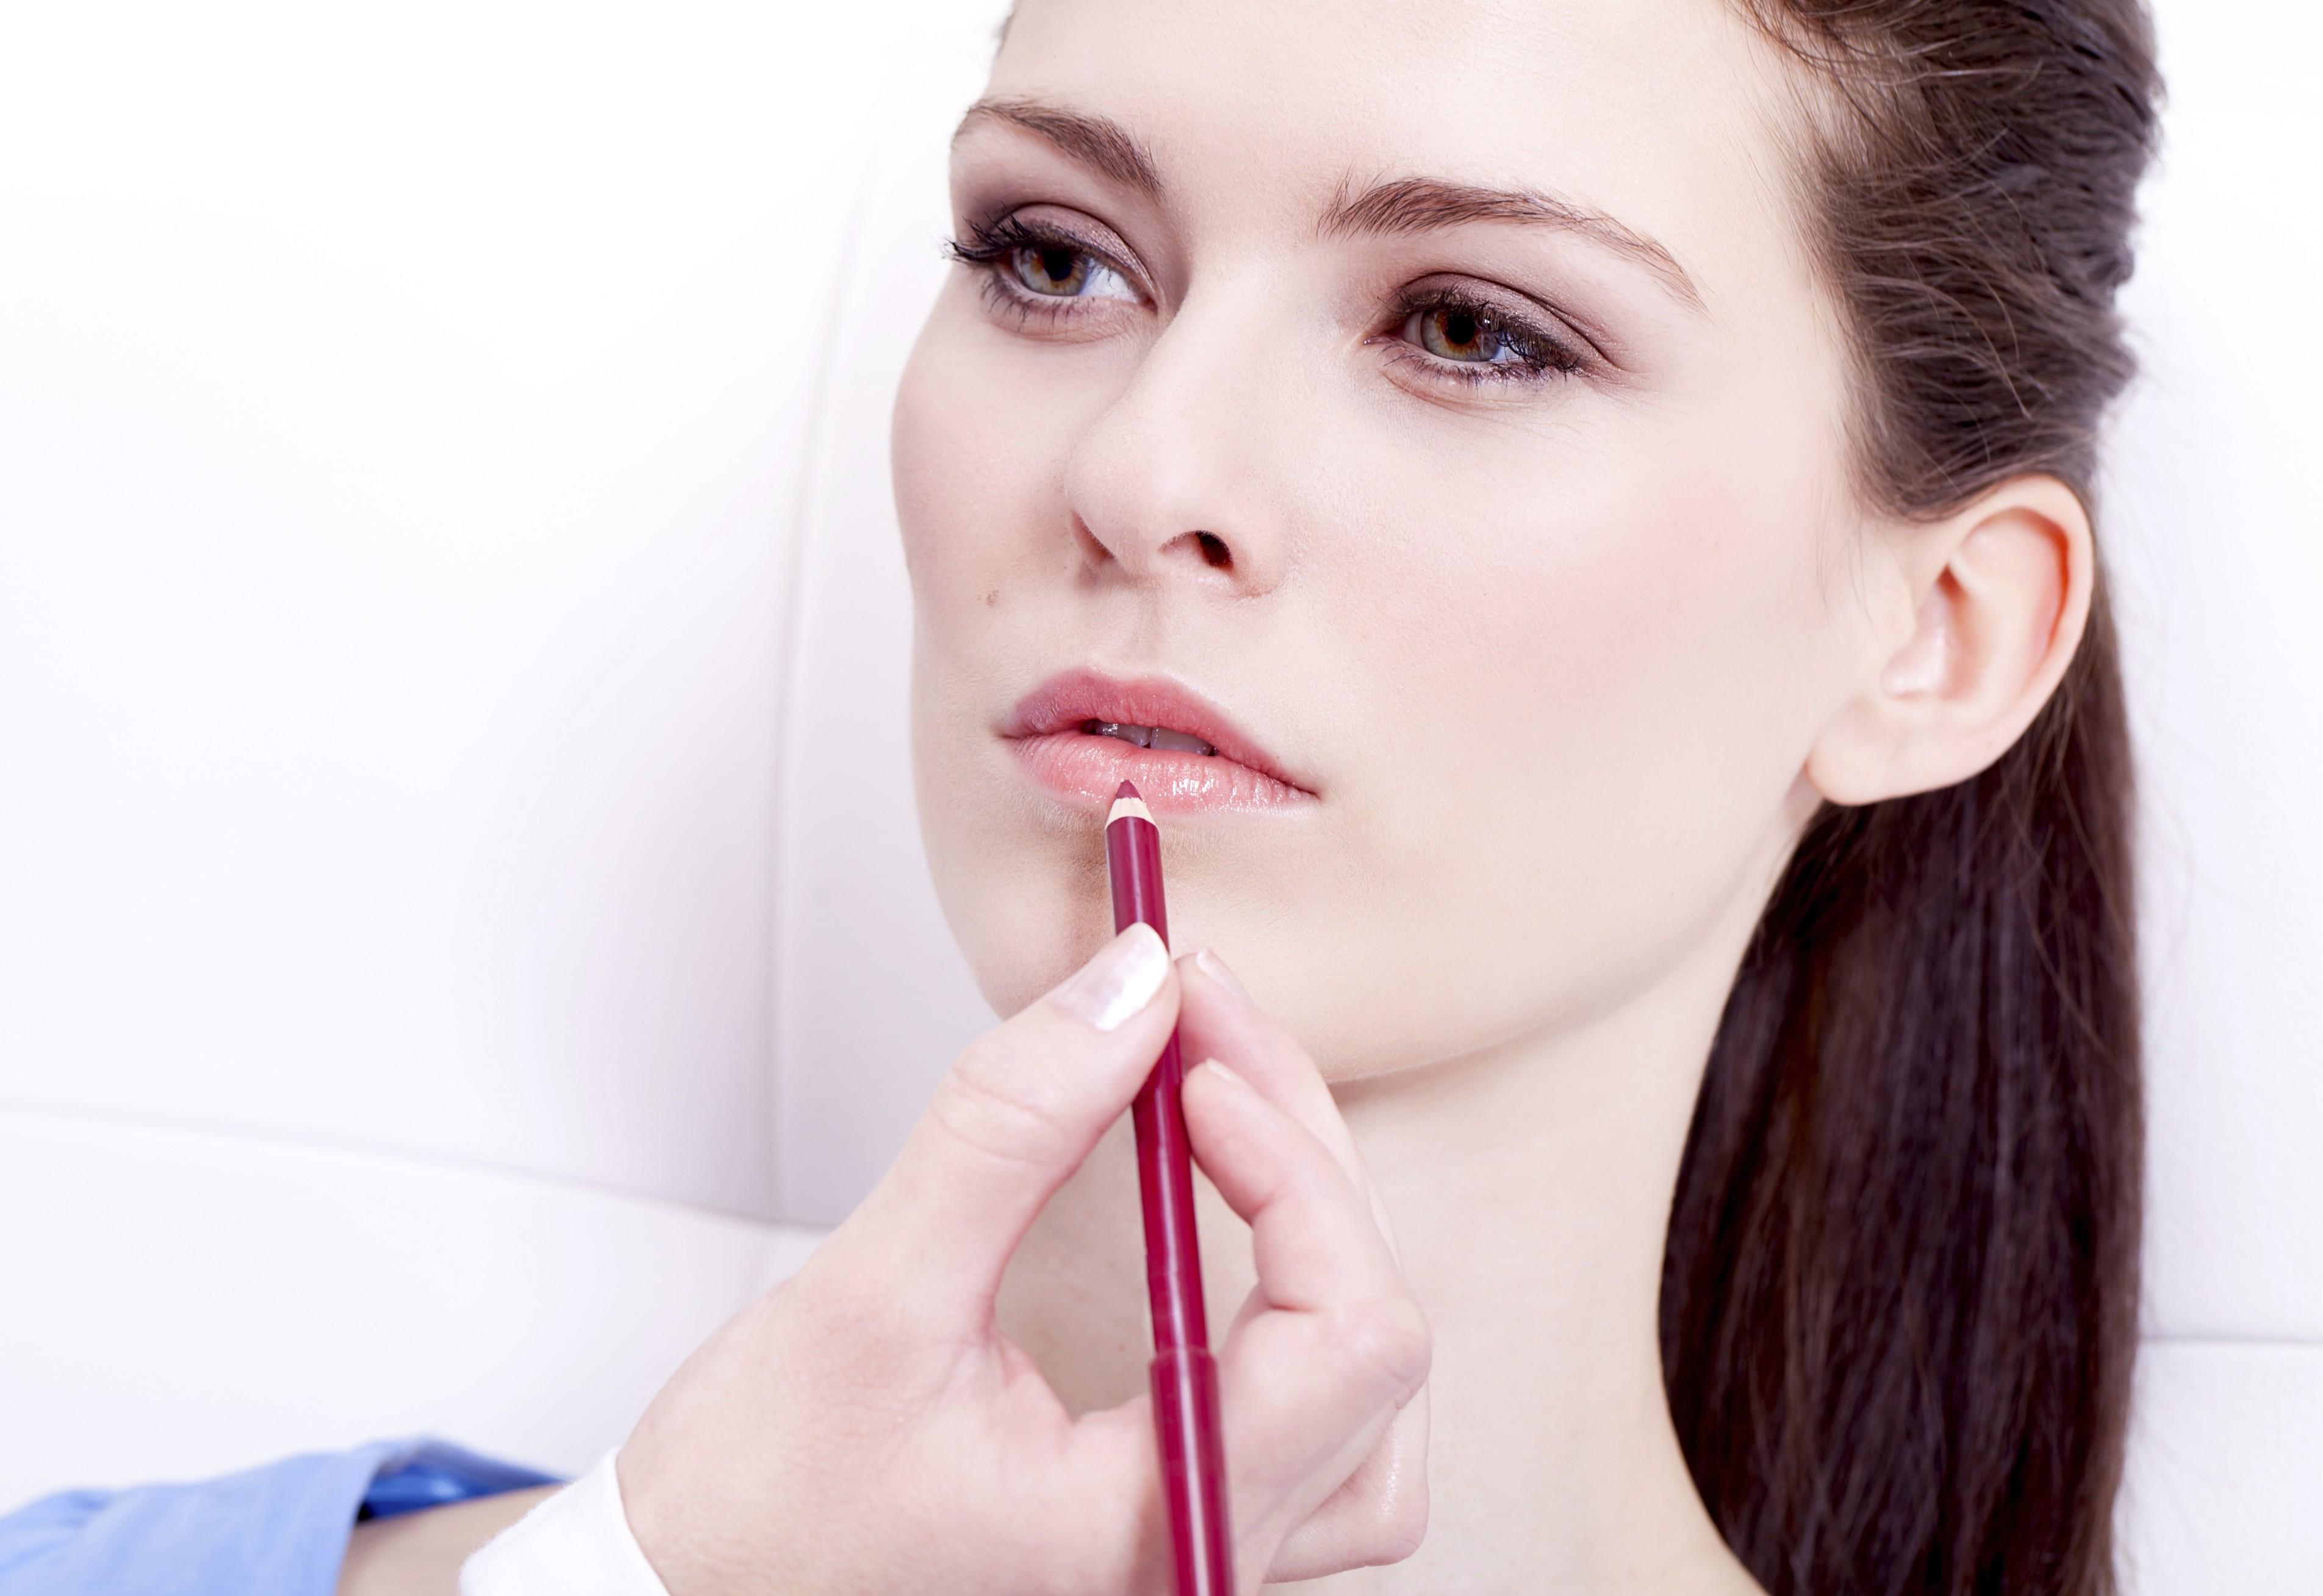 Quatro motivos para você usar o lápis labial e conquistar uma boca perfeita